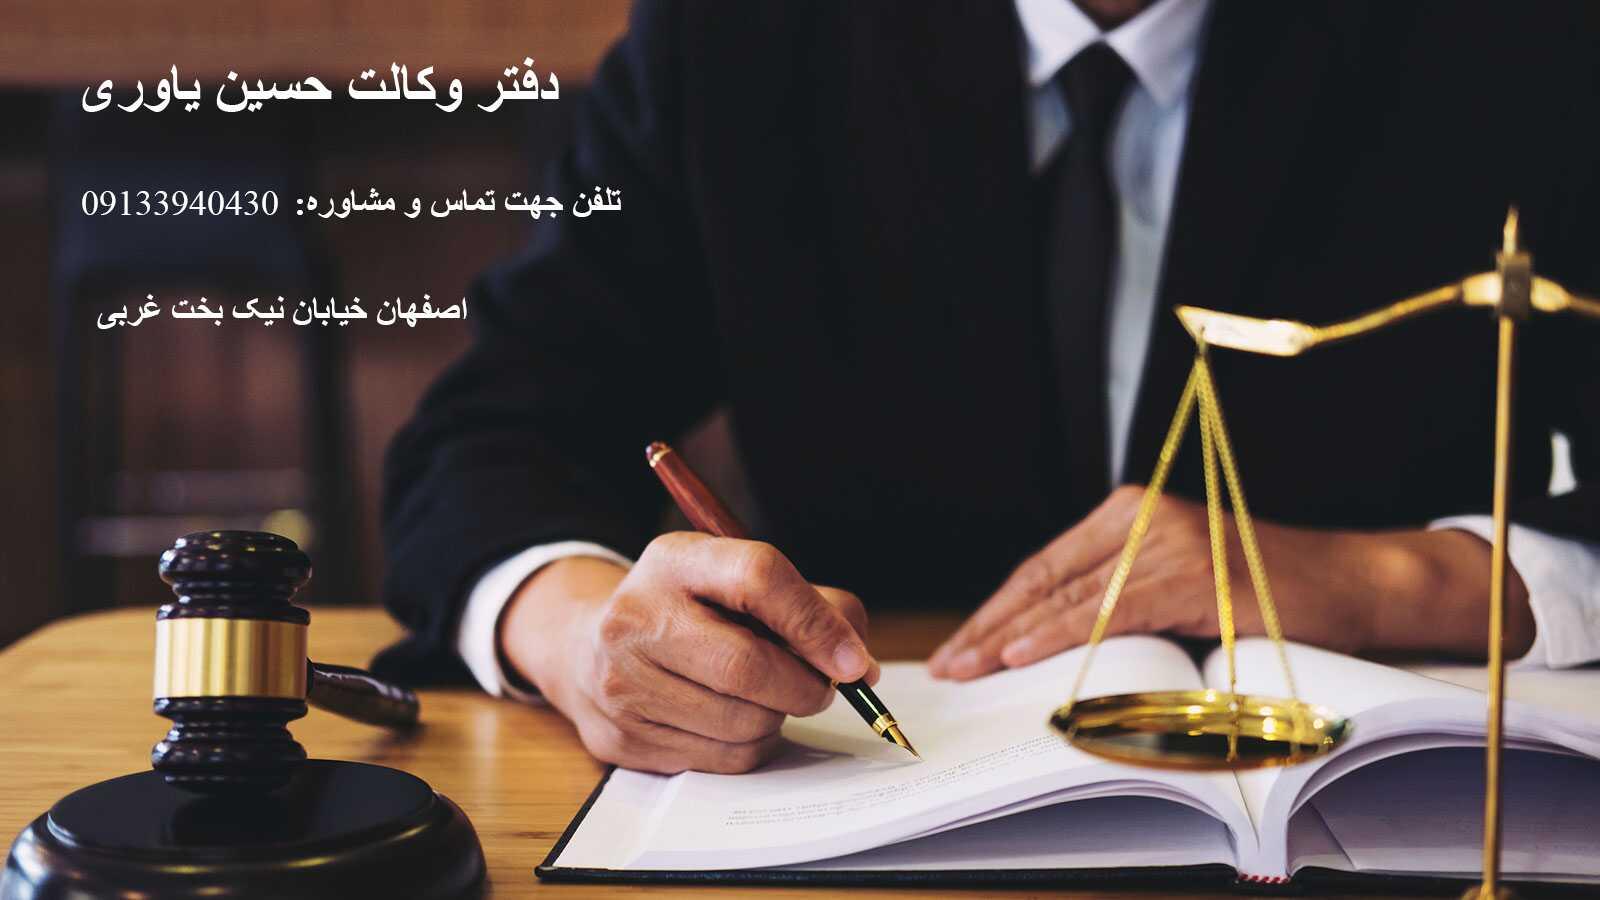 دنبال وکیل خوب در اصفهان هستم !!